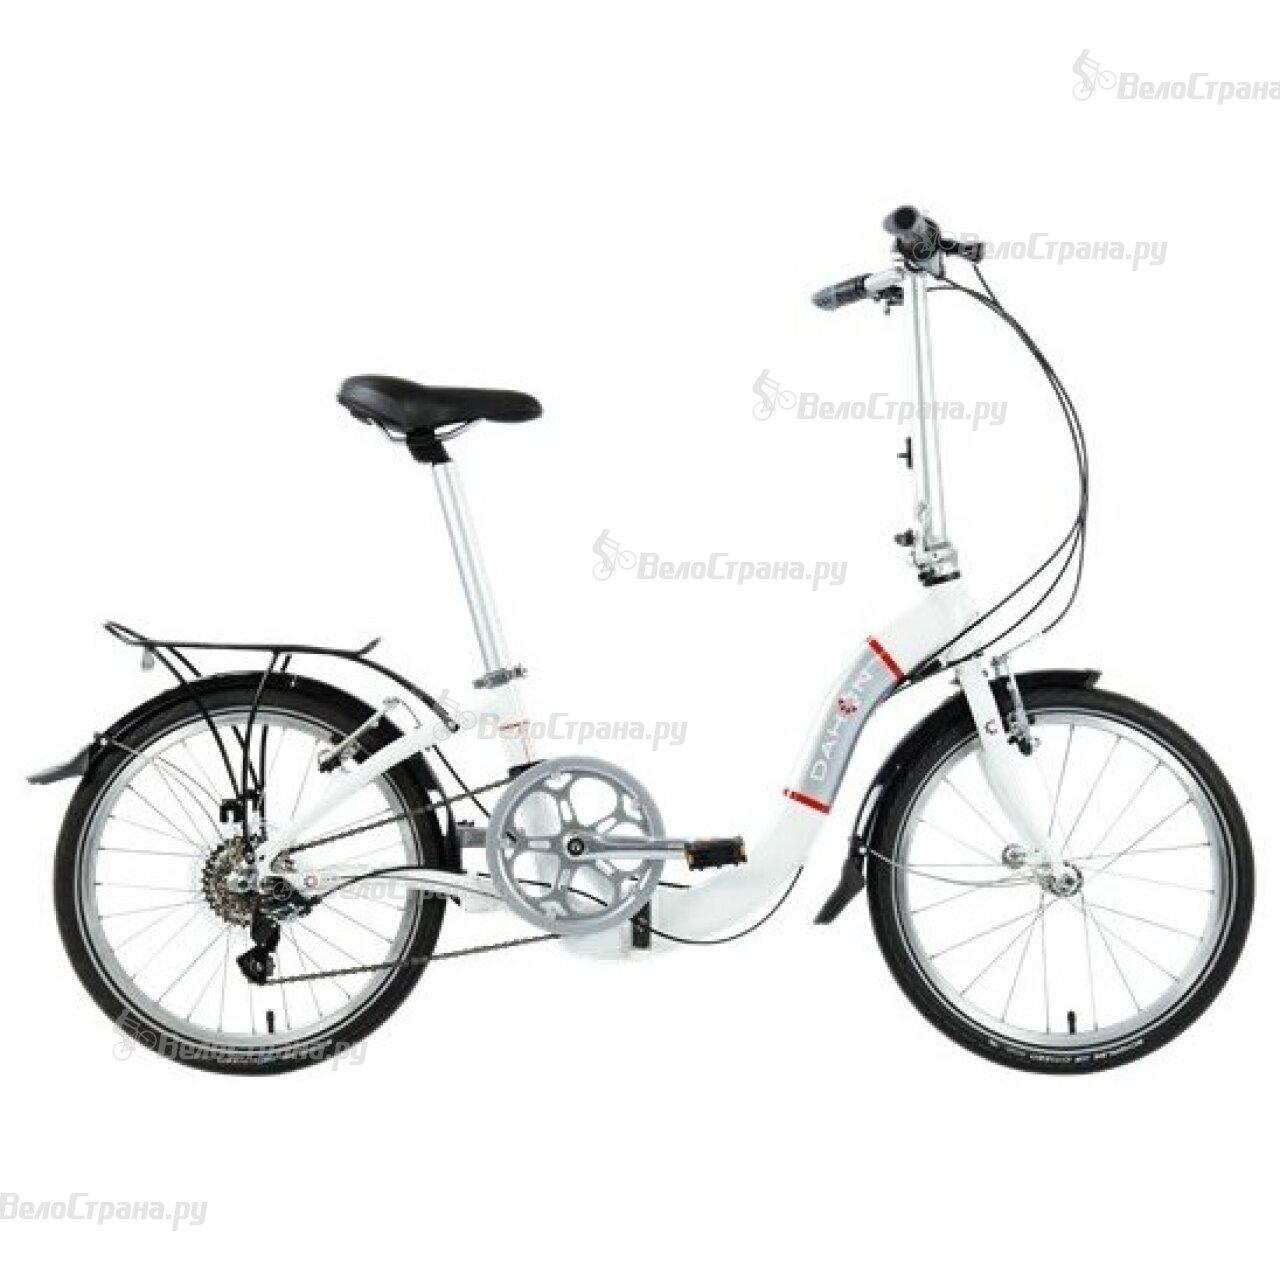 Велосипед Dahon Ciao D7 (2017) велосипед dahon vybe d7 u 2017